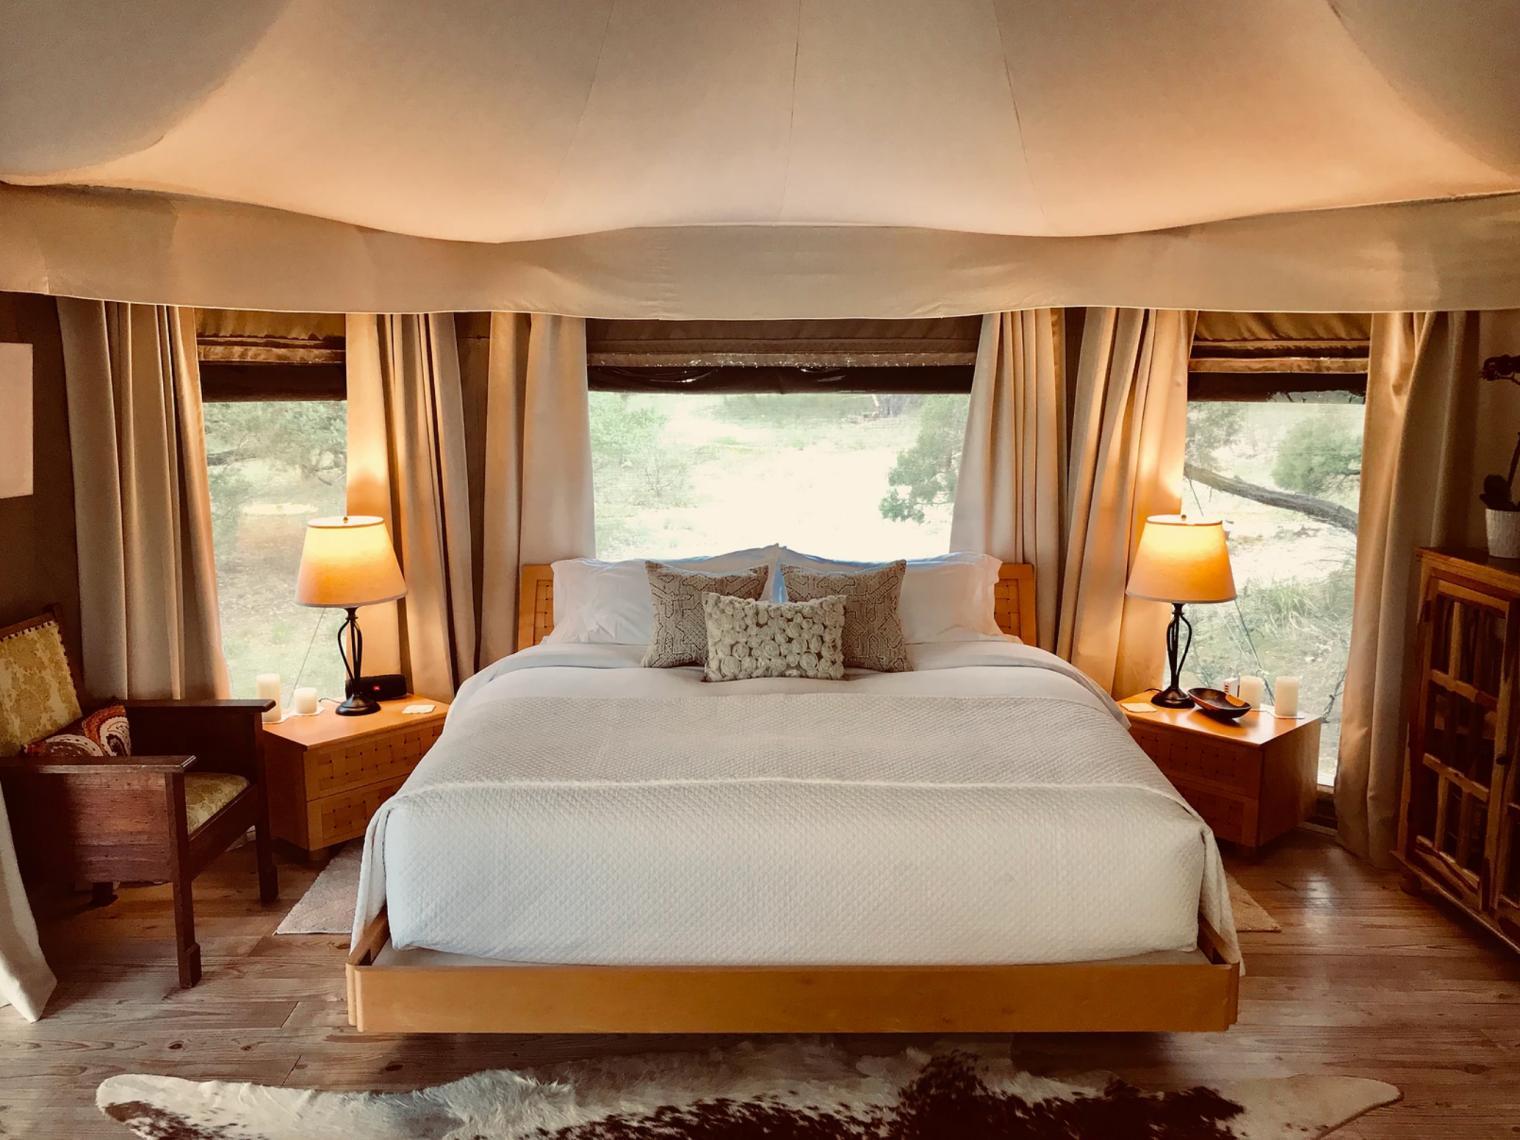 浪漫的野外露营 帐篷酒店孤独人溪上的辛亚